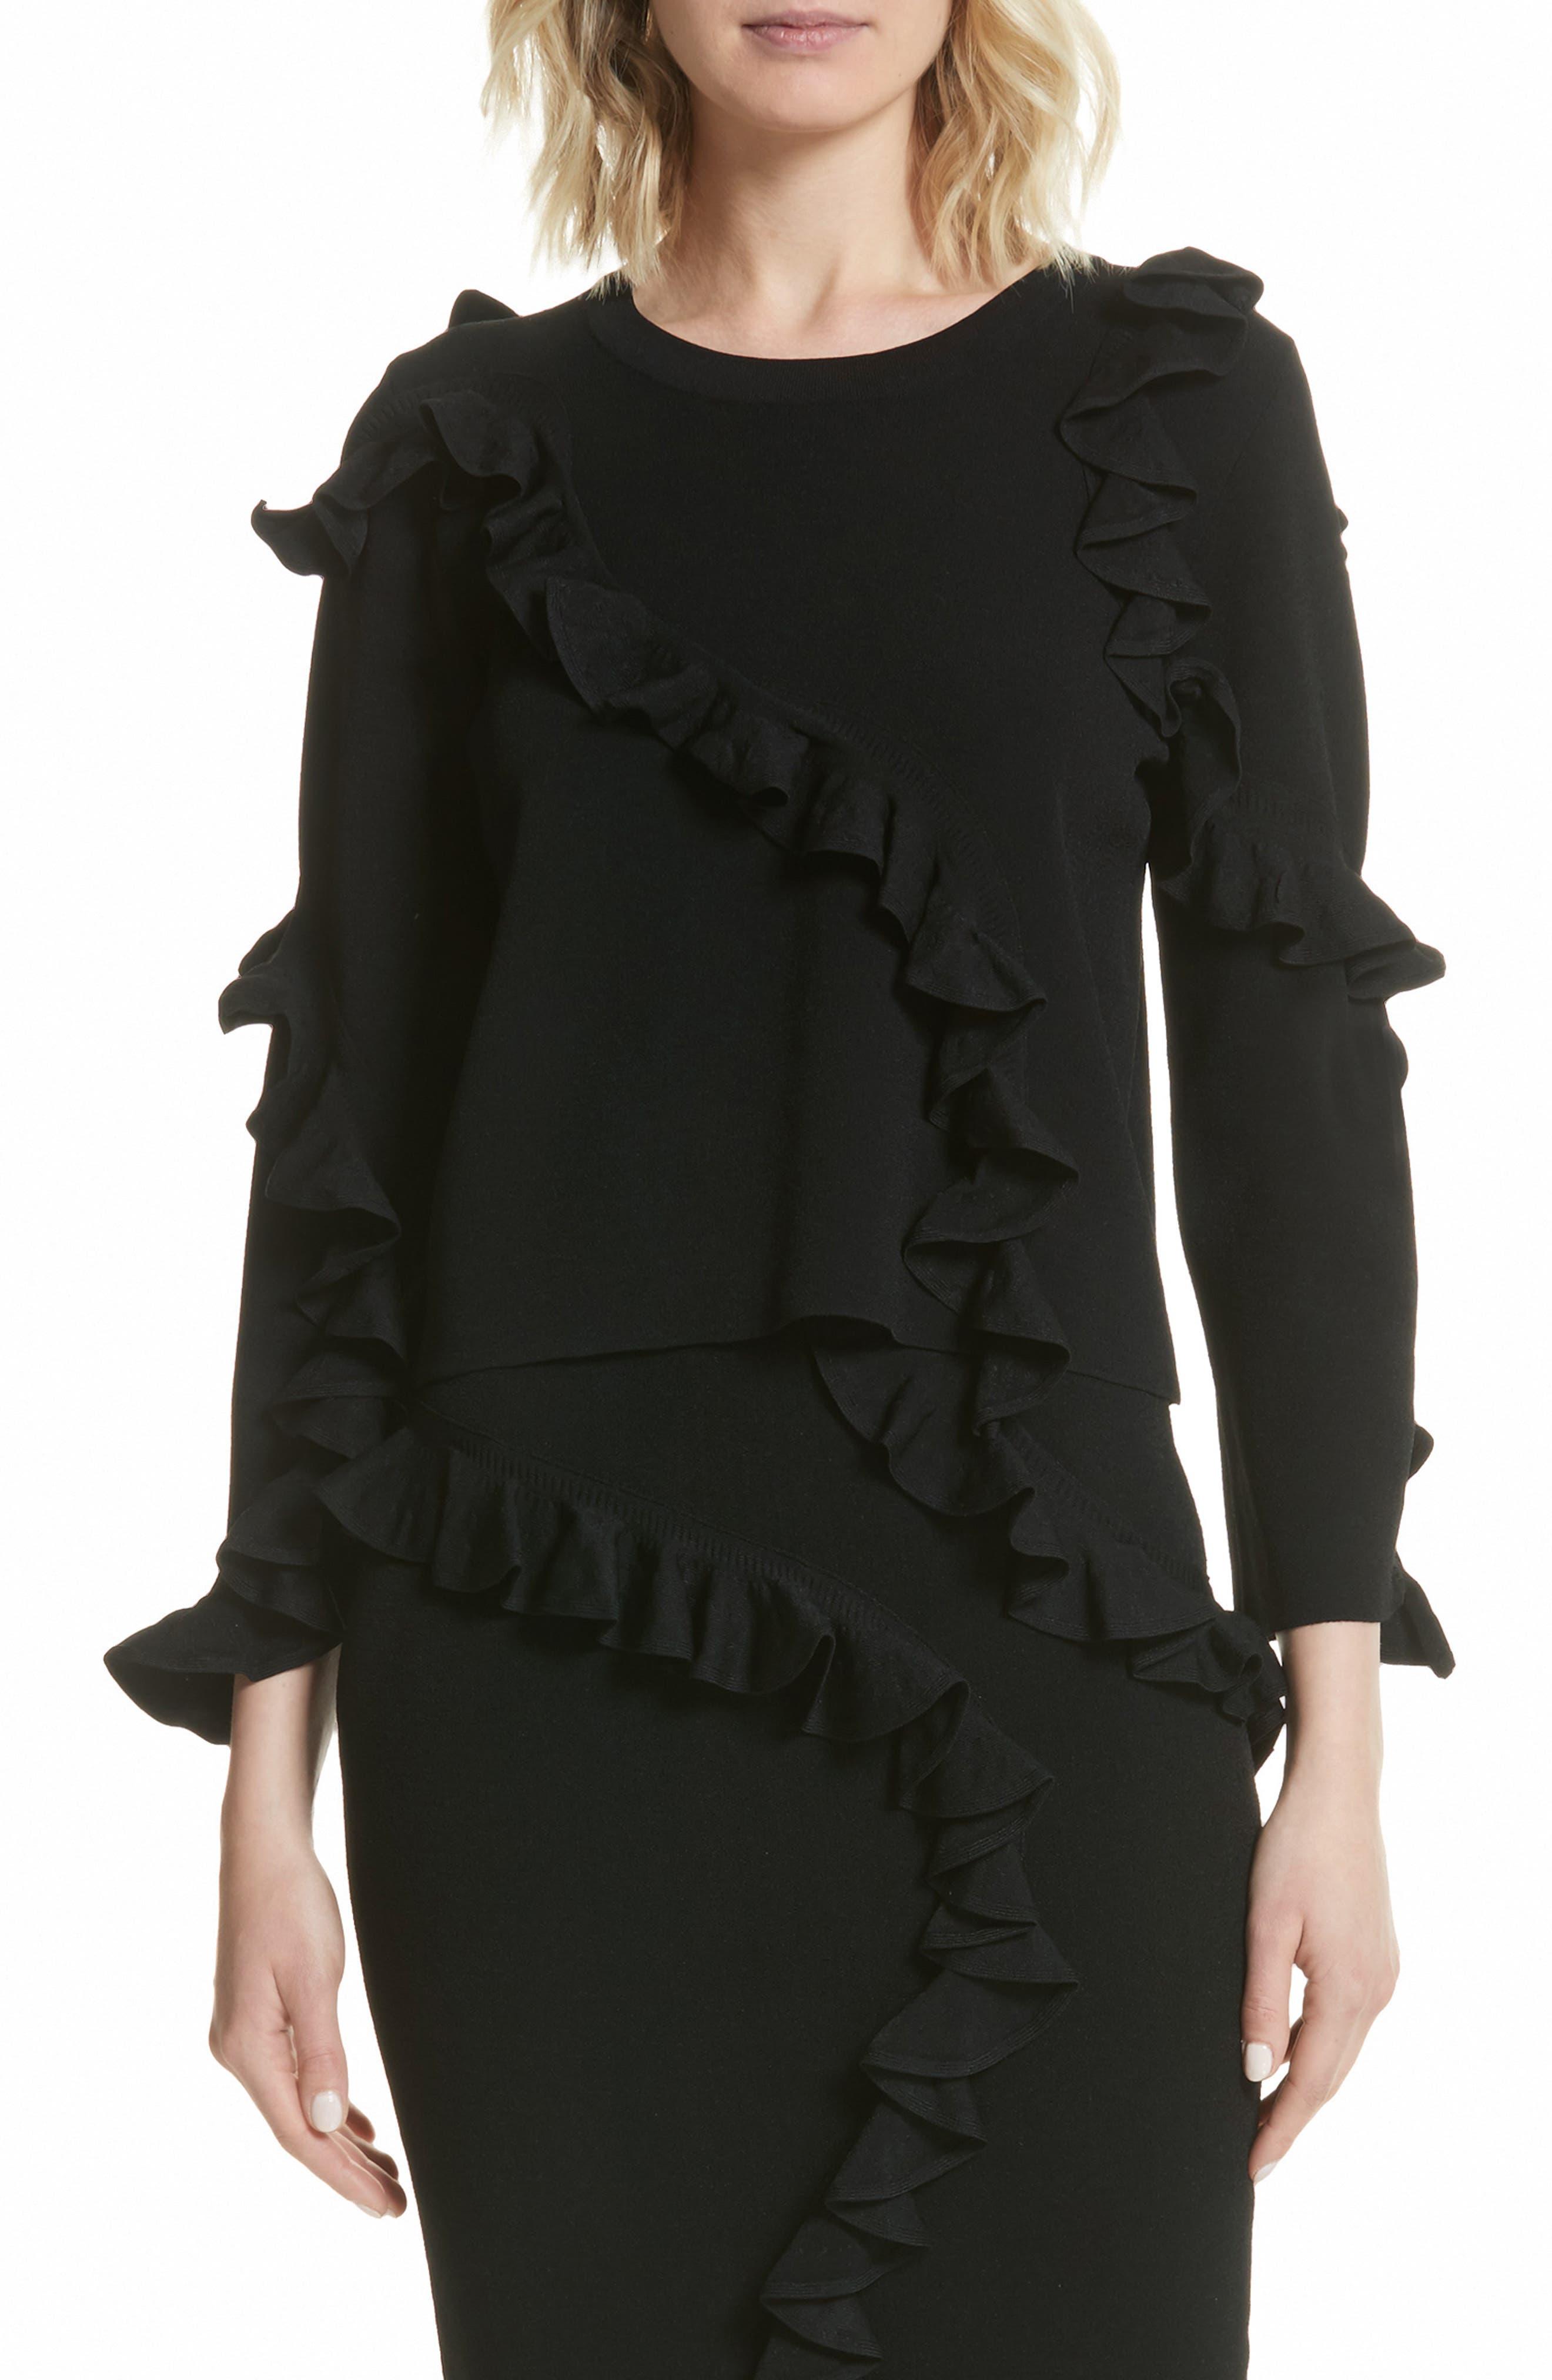 Abstract Ruffle Pullover,                             Main thumbnail 1, color,                             Black